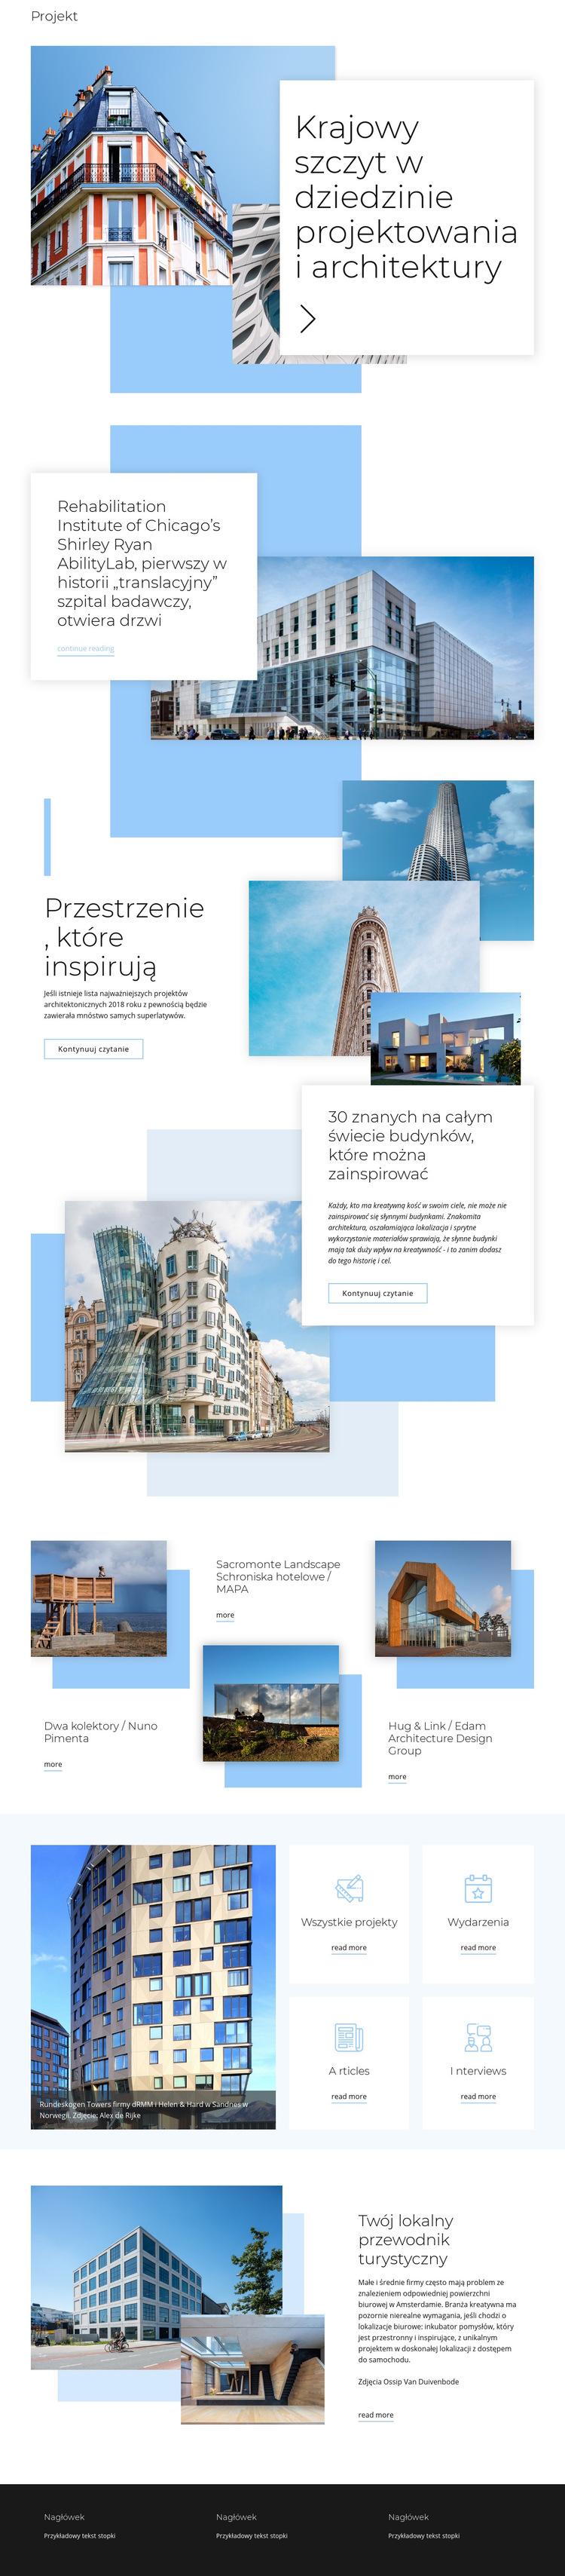 Ocena za architekturę Szablon witryny sieci Web